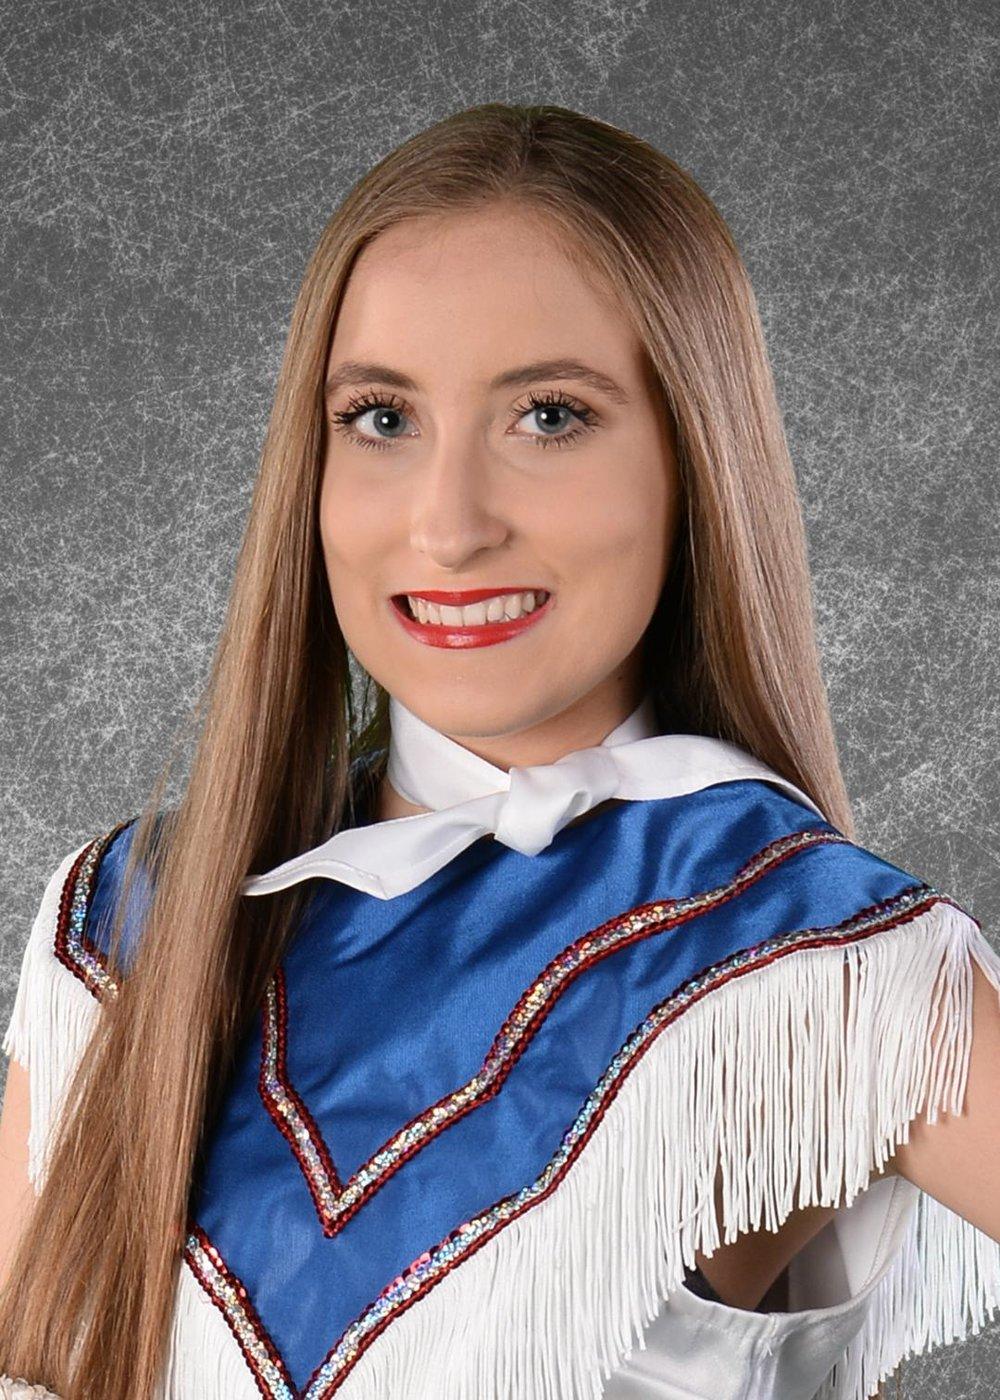 Lauren Kirlangitis